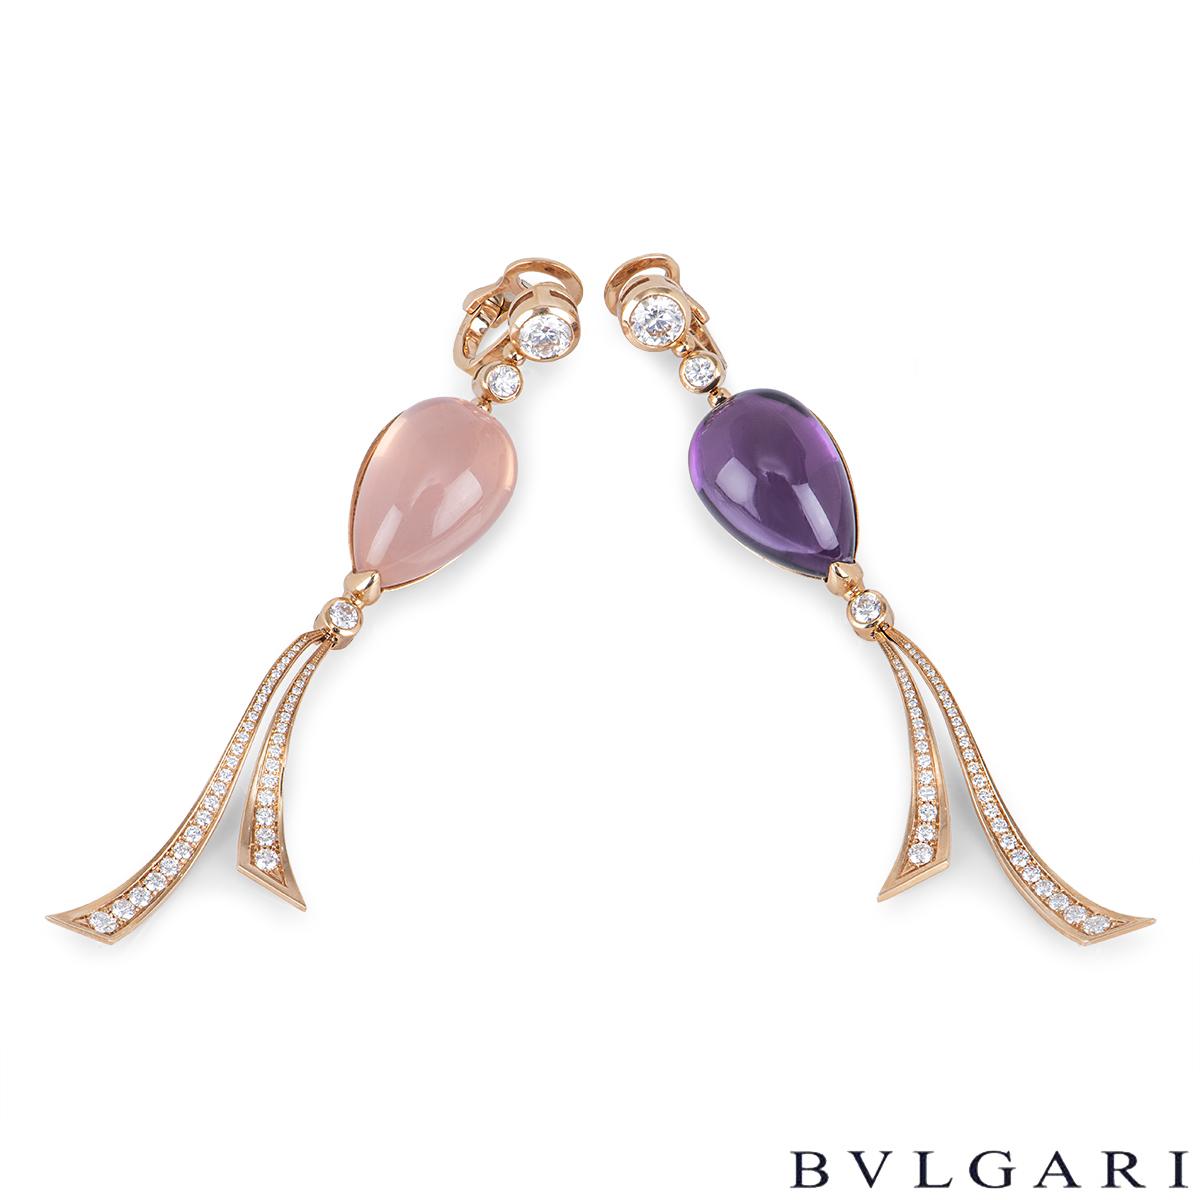 Bvlgari Rose Gold Diamond & Gemstone Festa Earrings